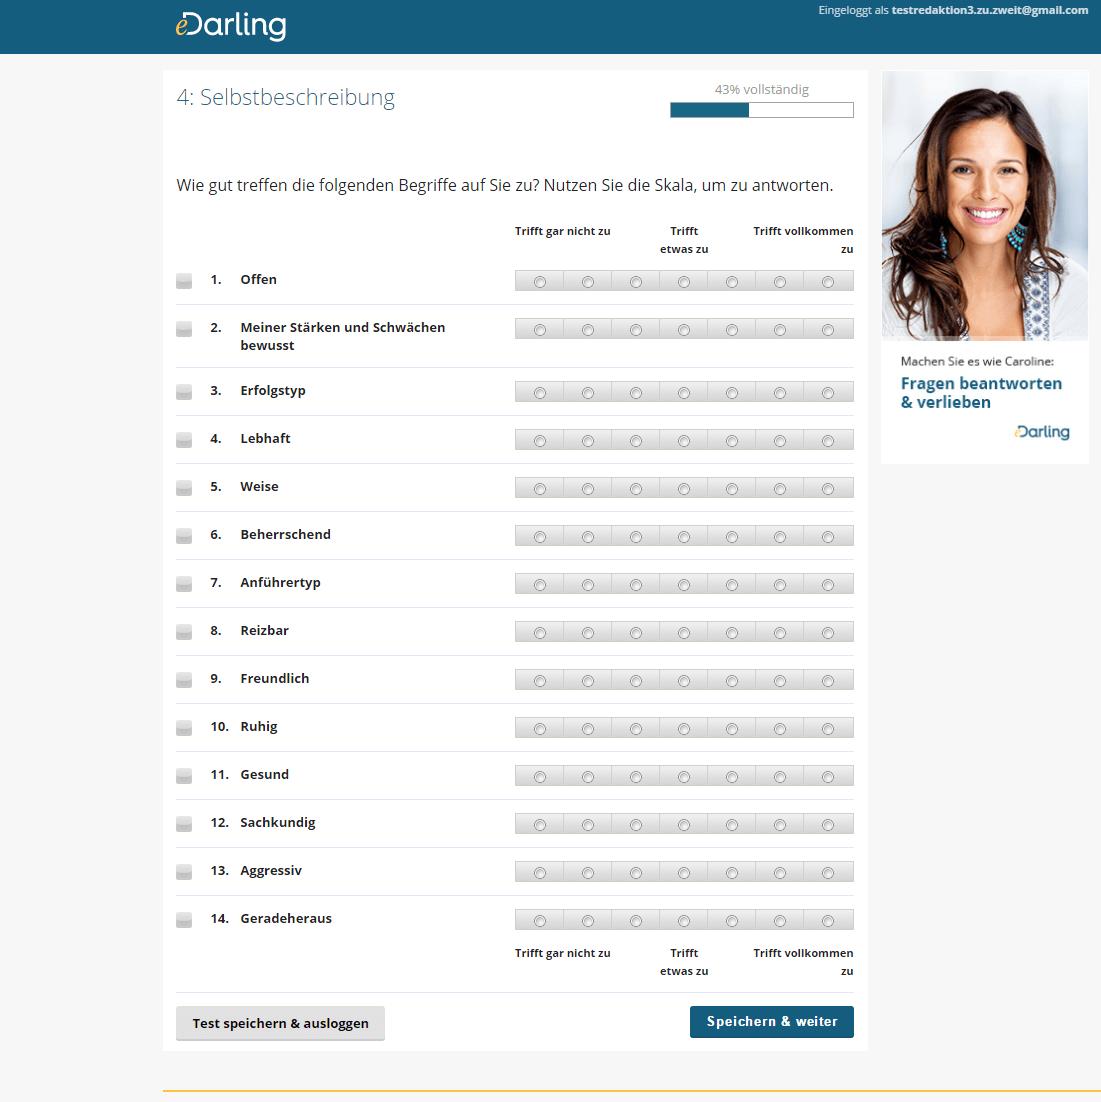 Anmeldung auf eDarling